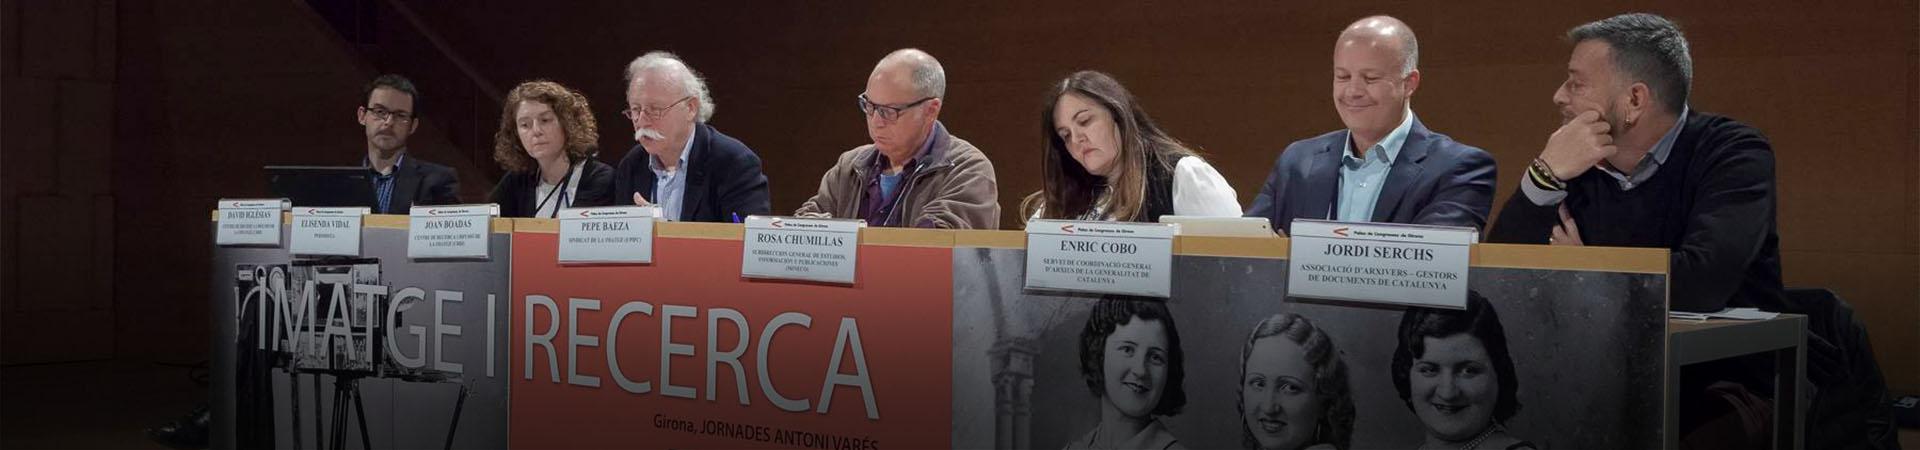 Taula rodona: Diferents models per a un pla nacional de fotografia (2016). Ajuntament de Girona. CRDI / Jordi S. Carrera